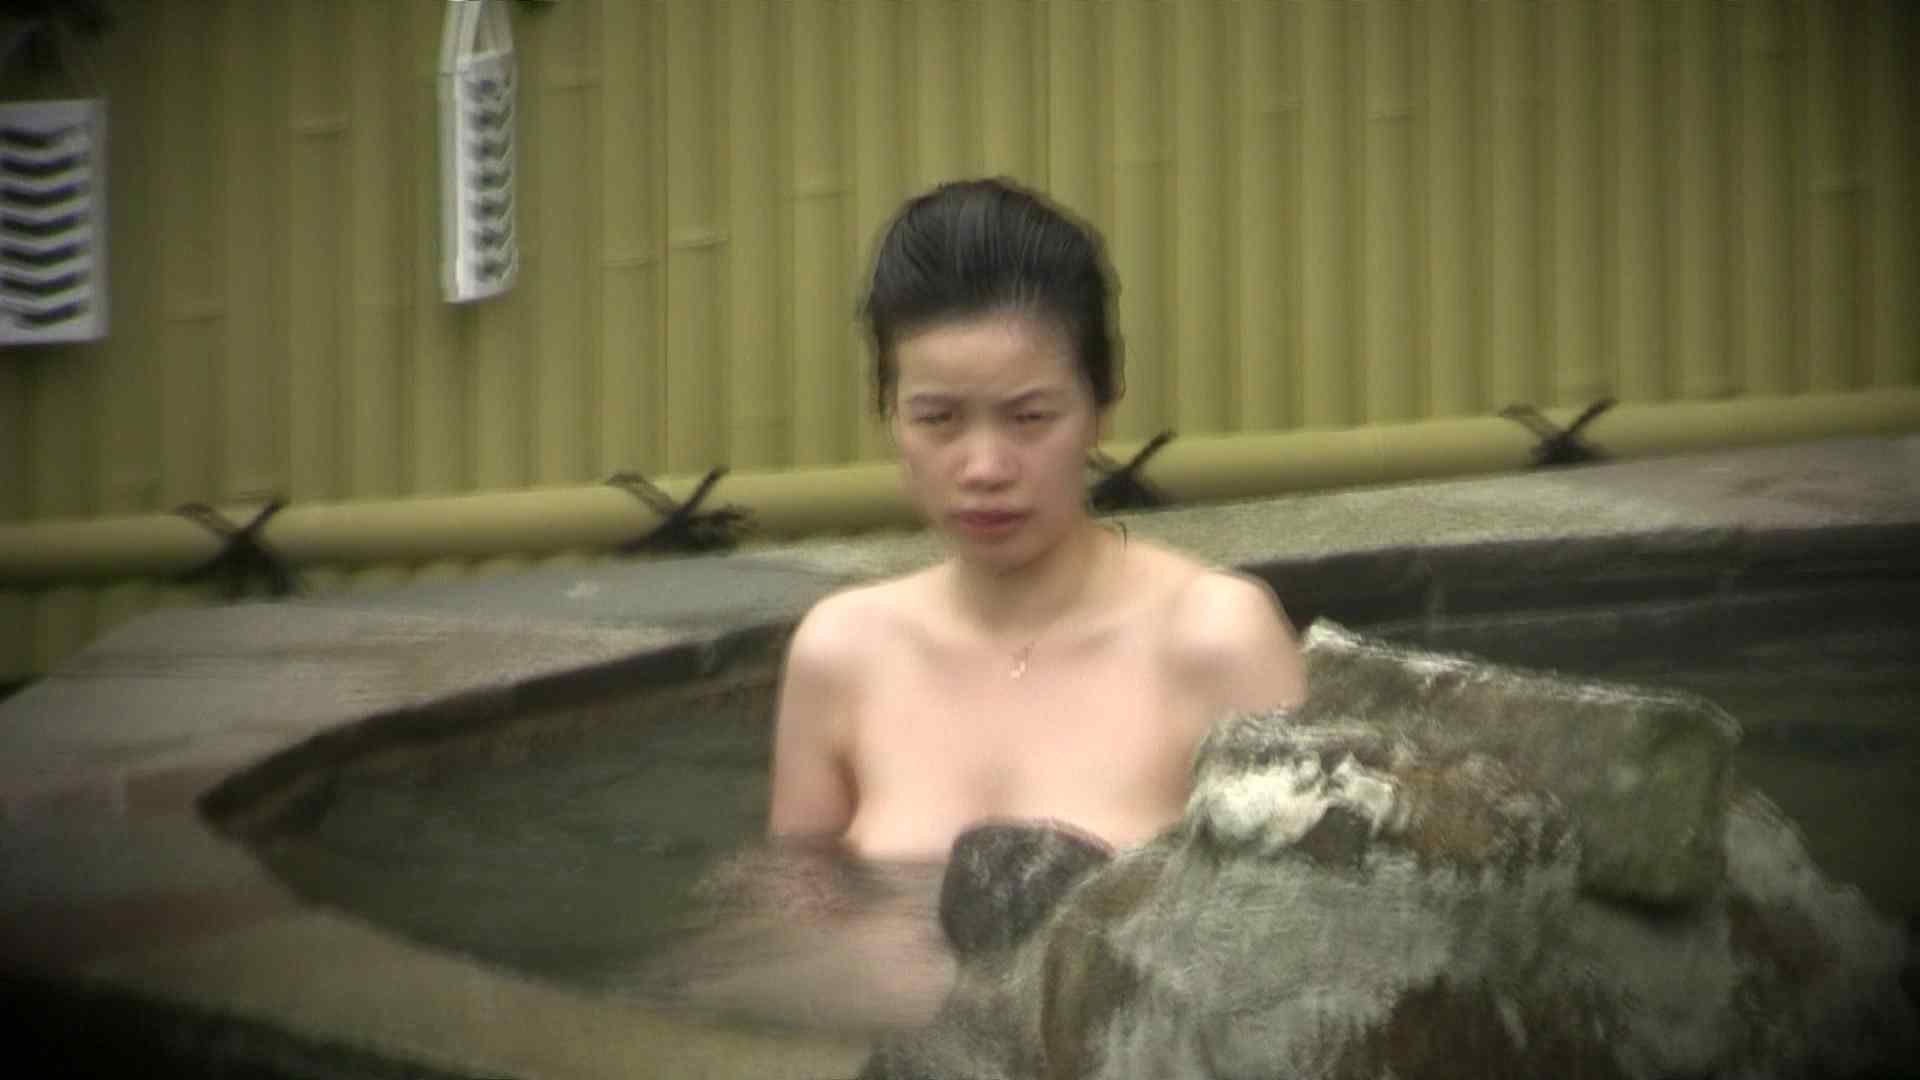 Aquaな露天風呂Vol.682 0   0  78pic 5